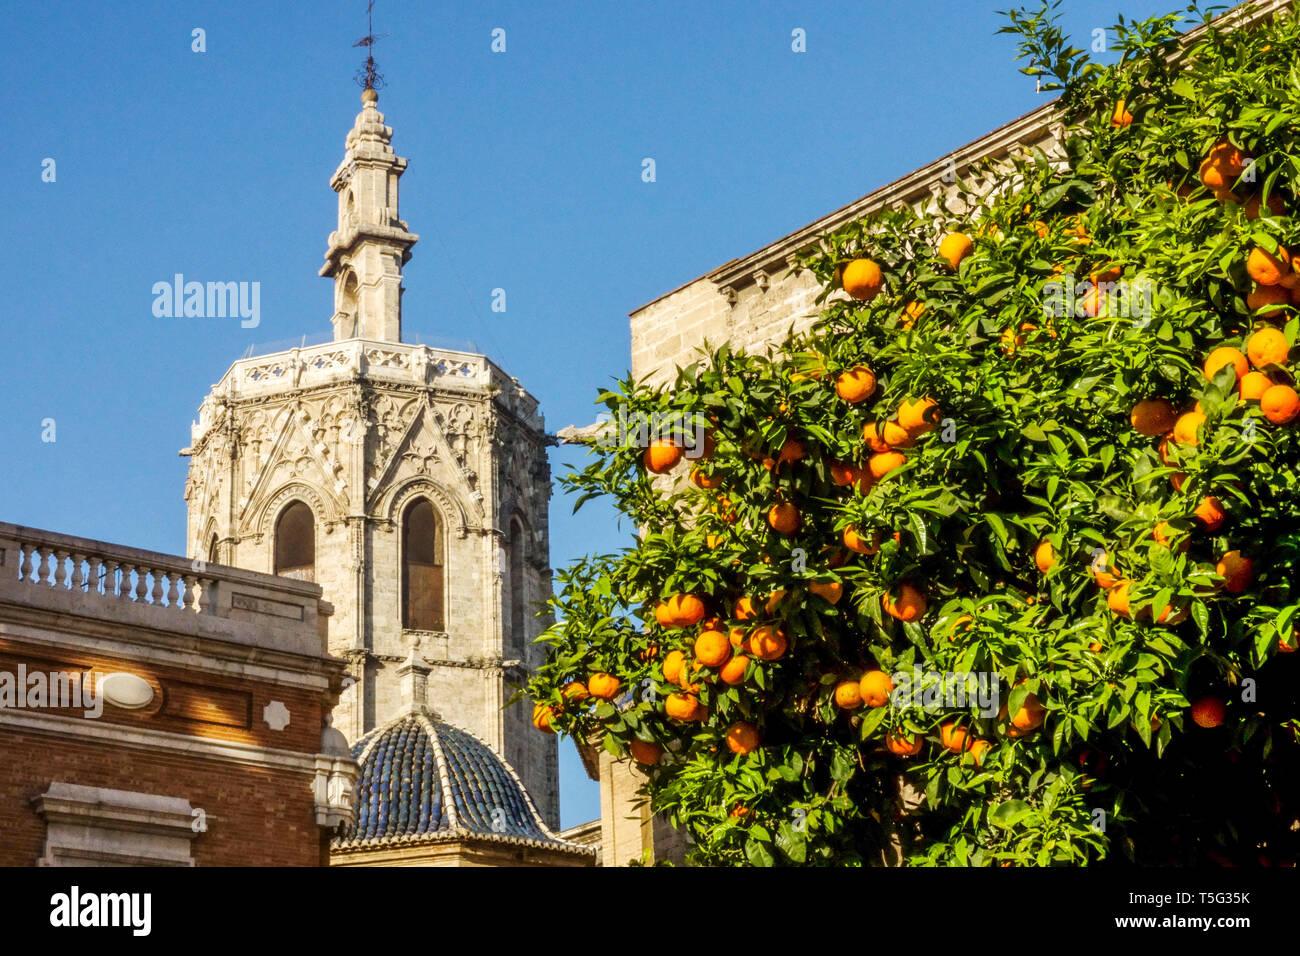 Valencia España Europa Arquitectura Valencia Catedral España Valencia Naranjas árbol España Casco antiguo Foto de stock